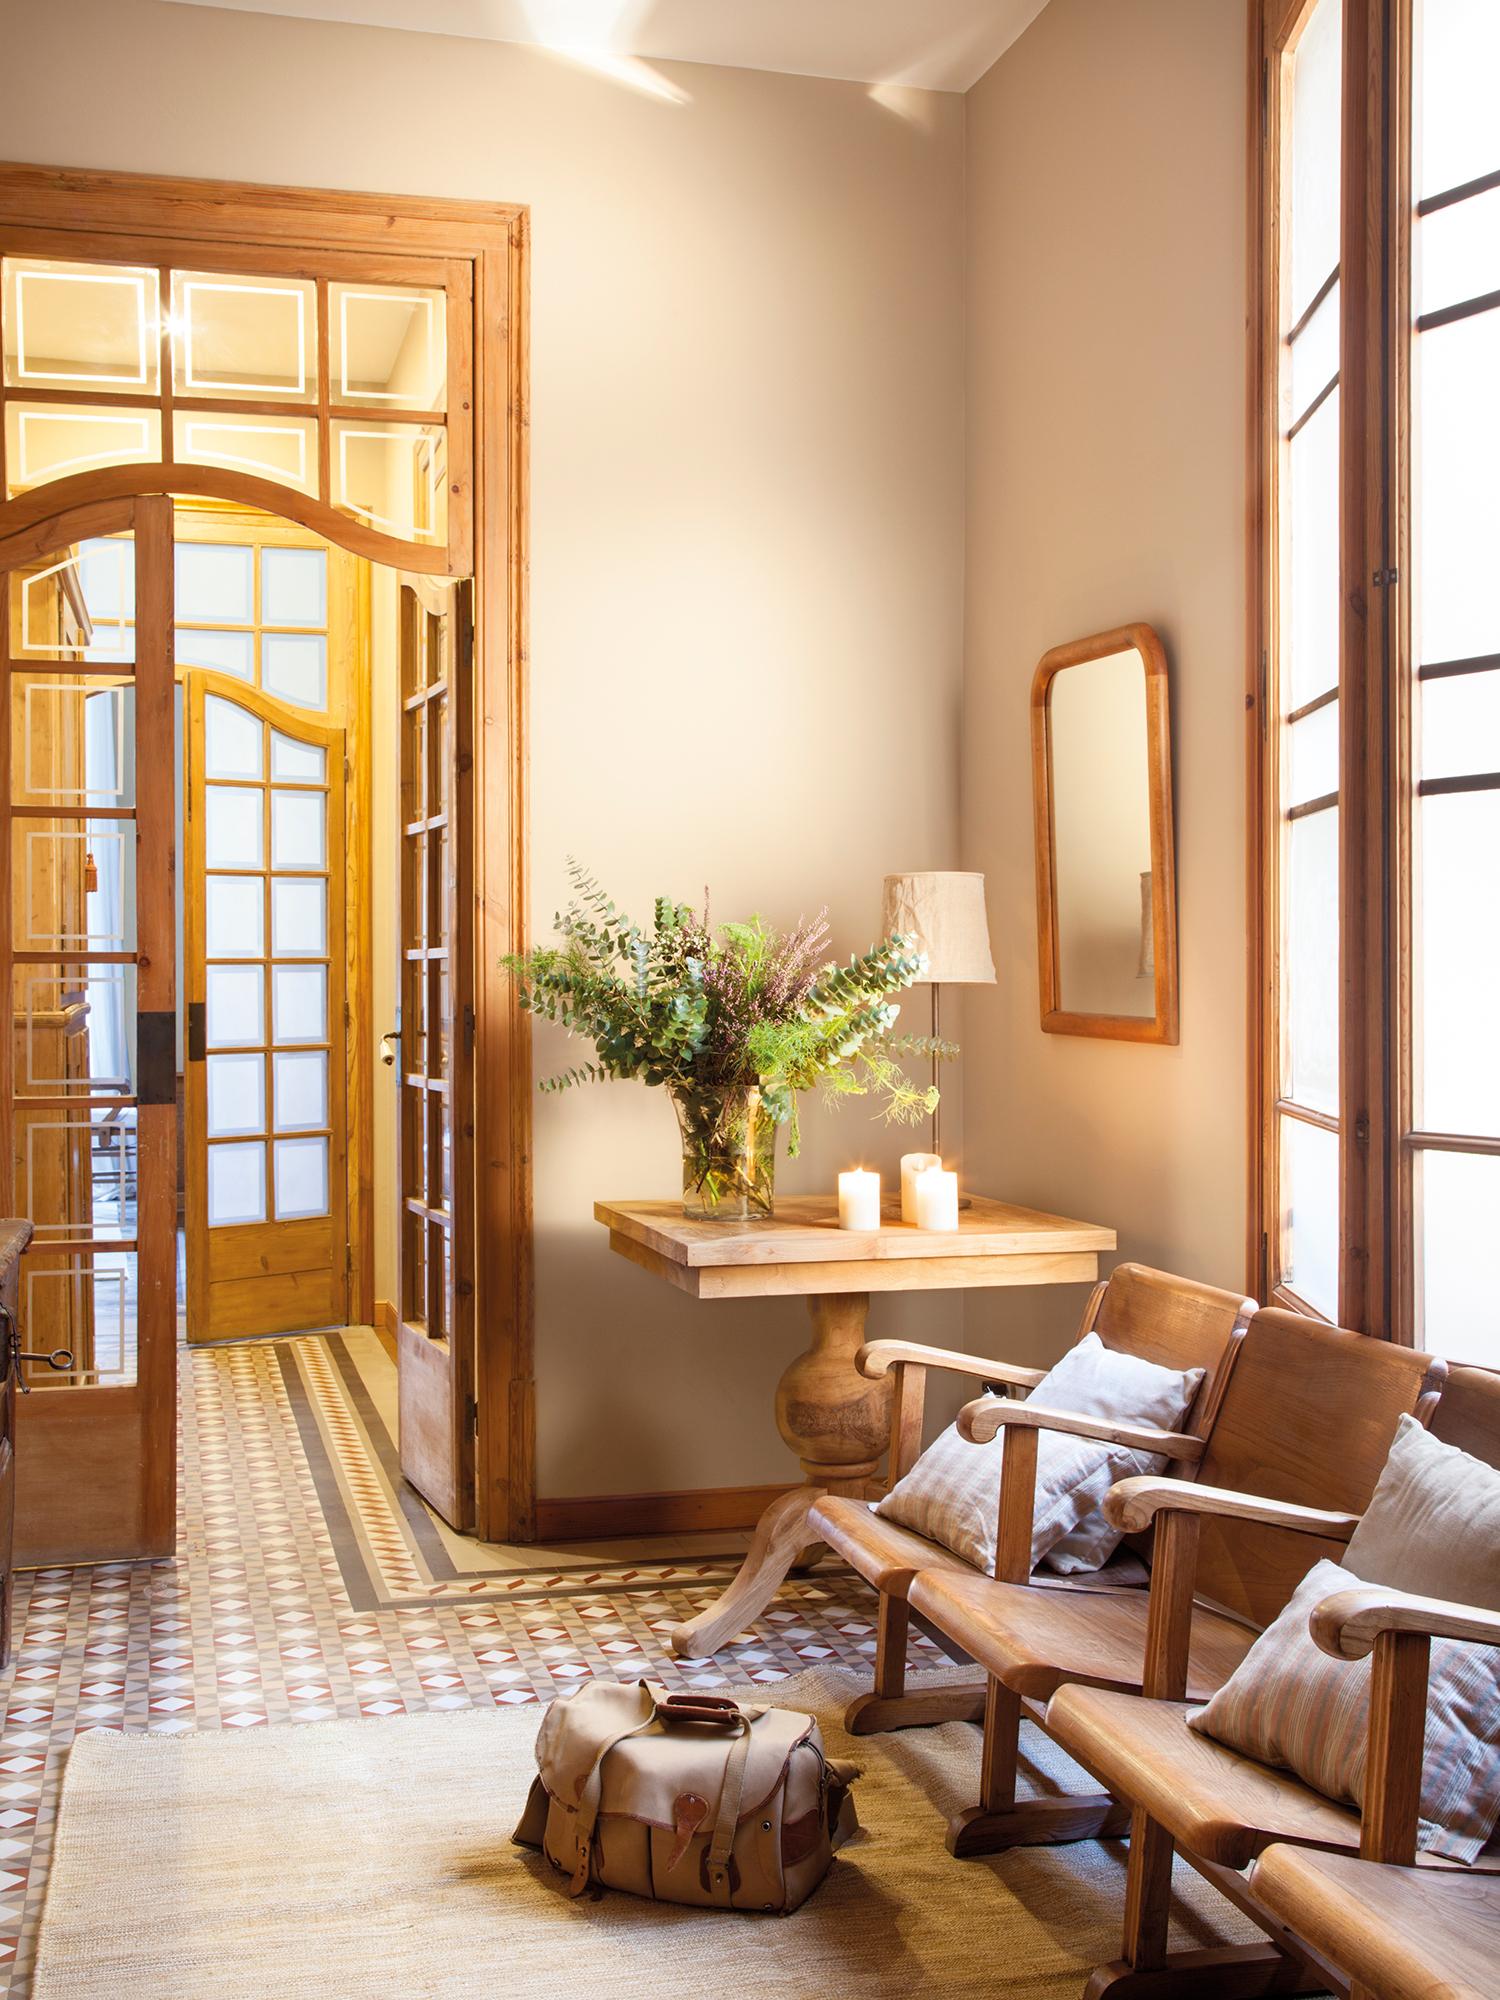 Puertas claves para renovarlas for Puertas con vidrieras decorativas